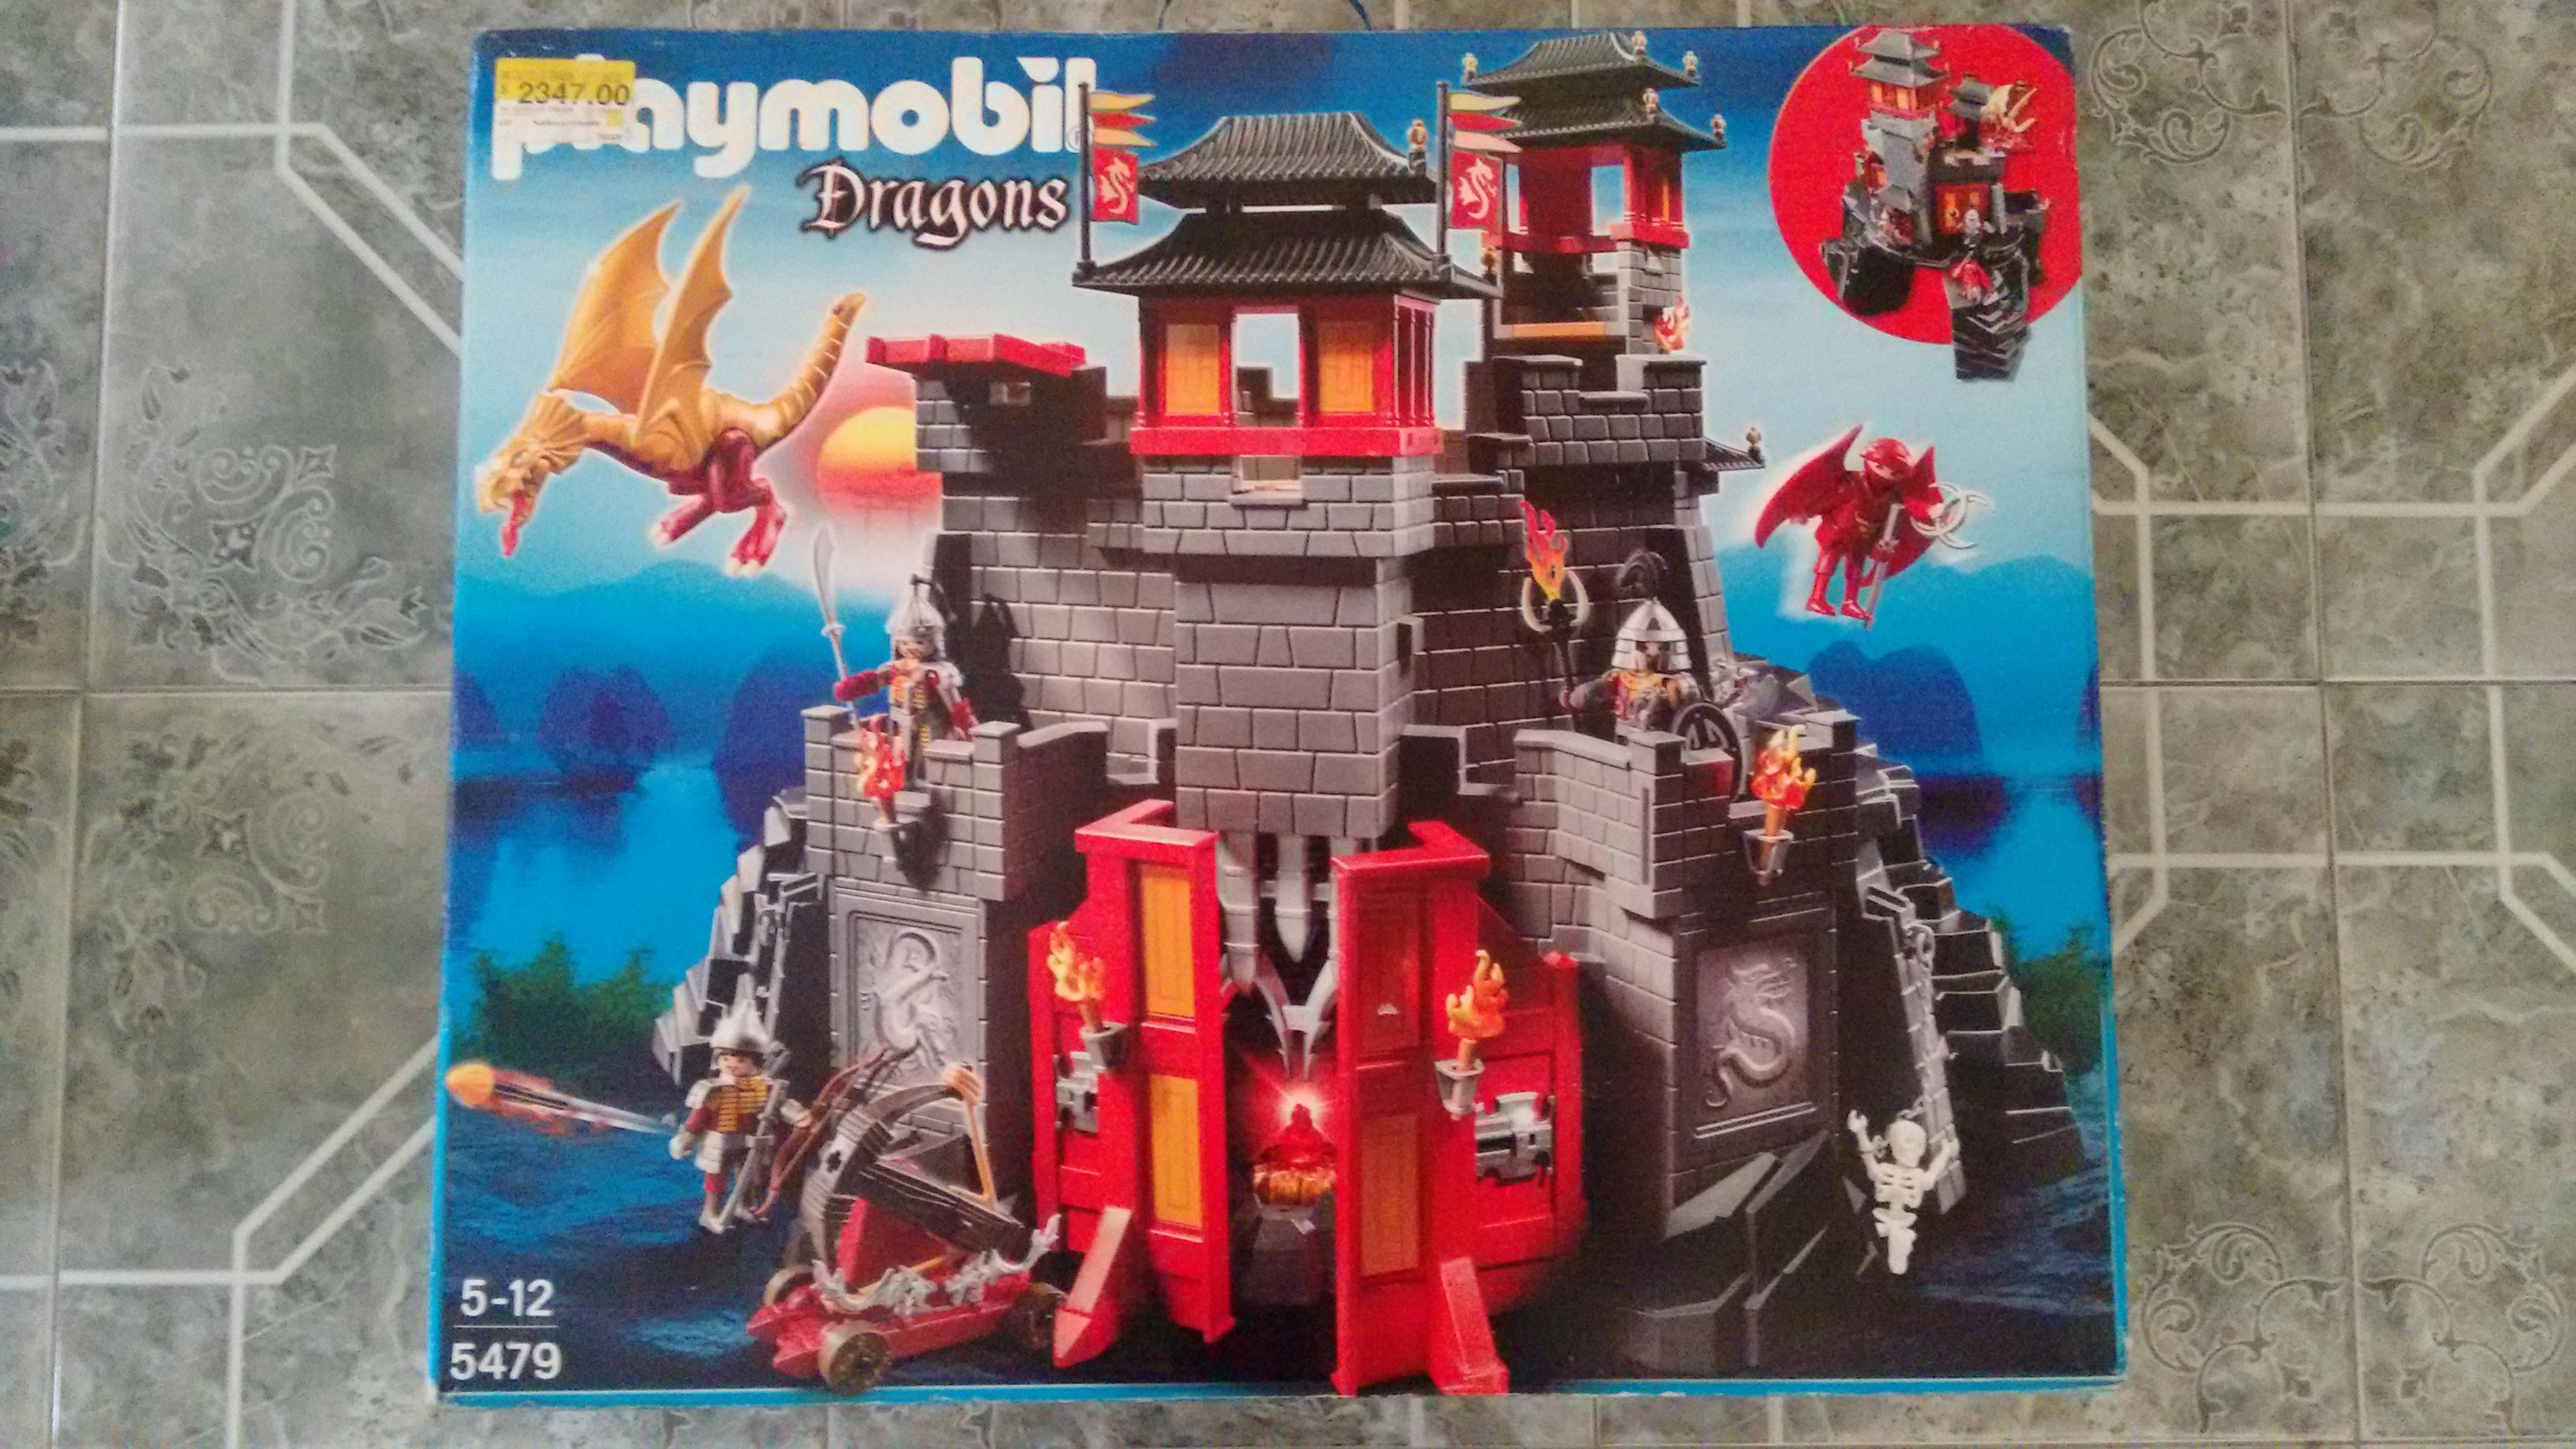 Bodega Aurrerá: Playmobil Castillo Dragón de $2,347.00 a $720.01 y más